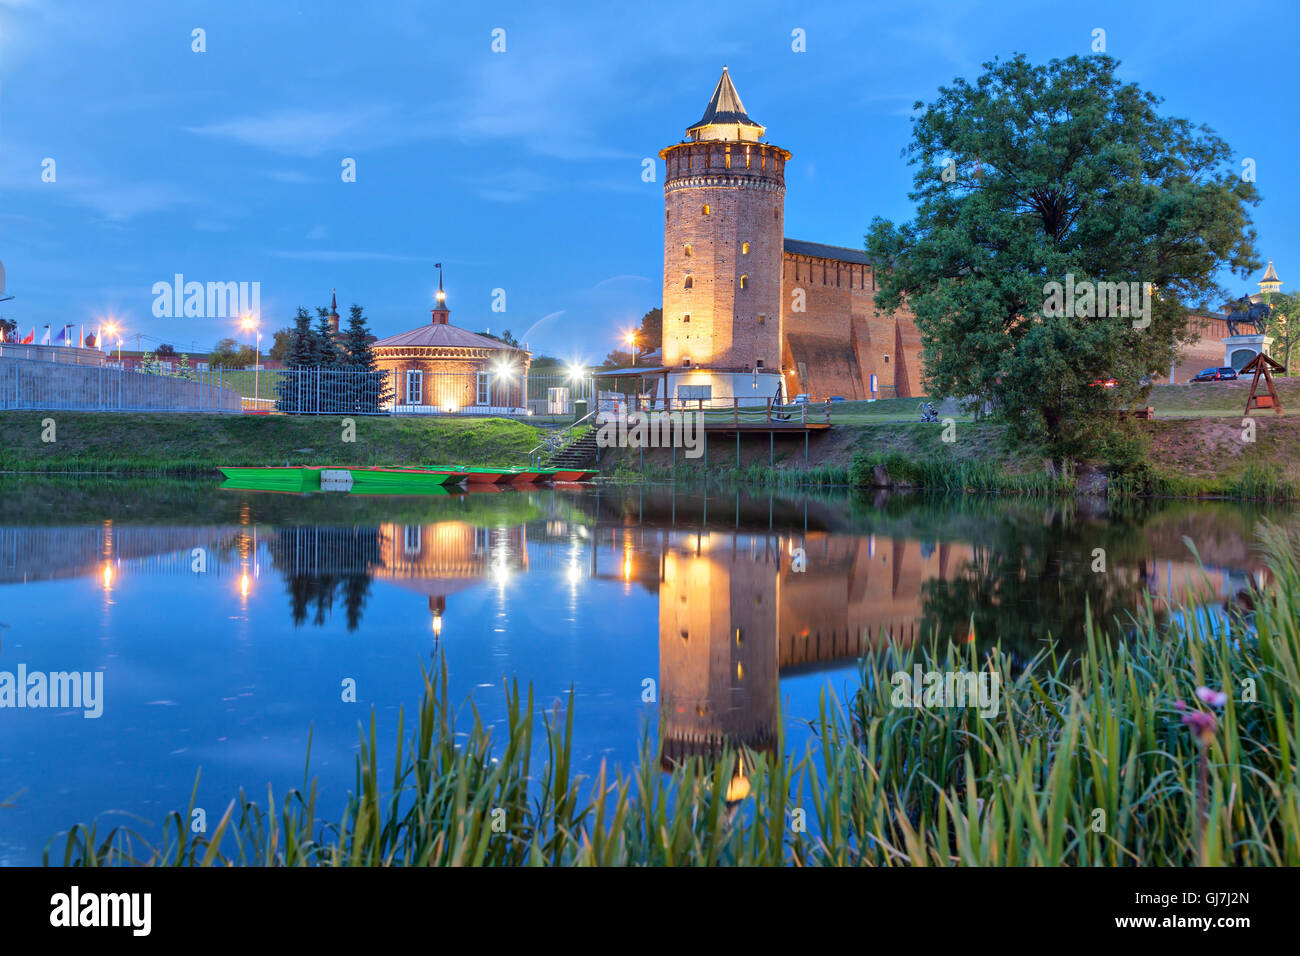 Turm eine Wand von Kolomna Kreml Reflexion im Wasser in der Region Abend, Kolomna, Moskau, Russland Stockbild